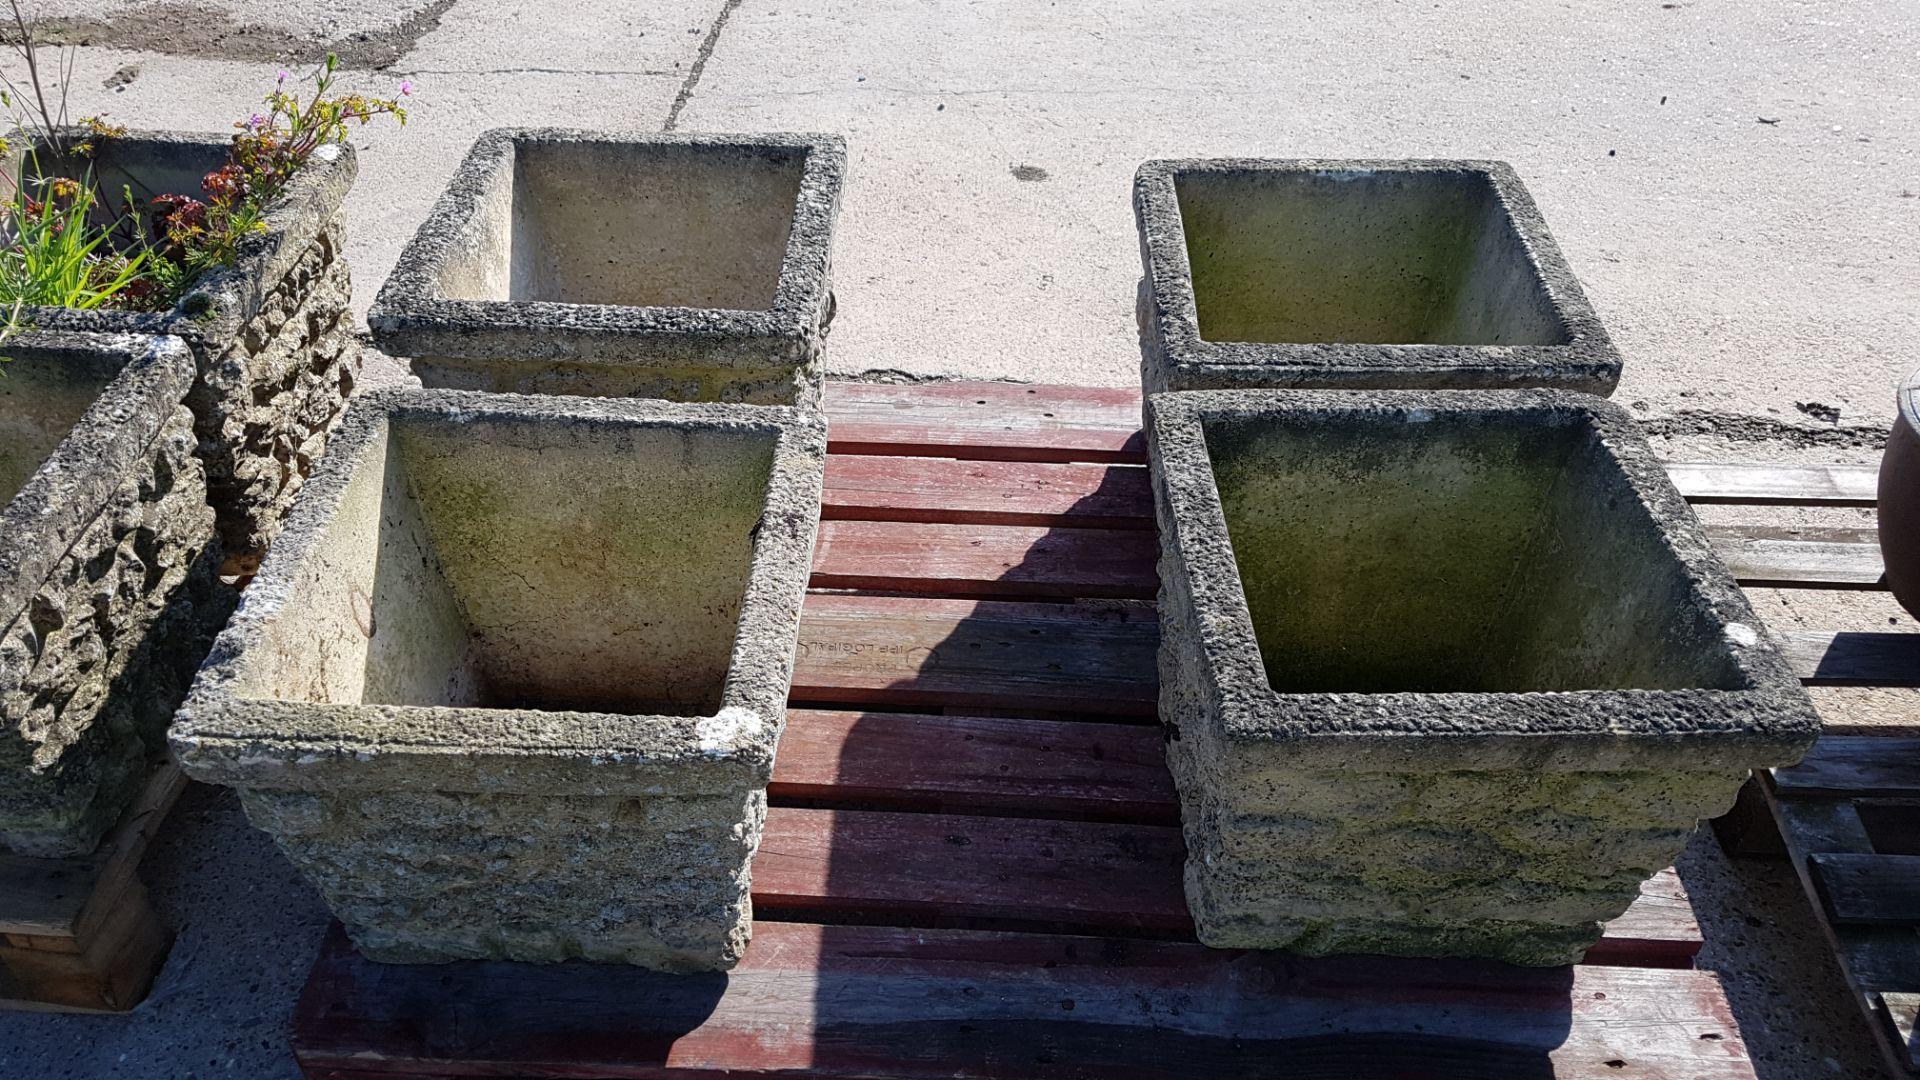 Lot 50 - 4 x Square Concrete Planters